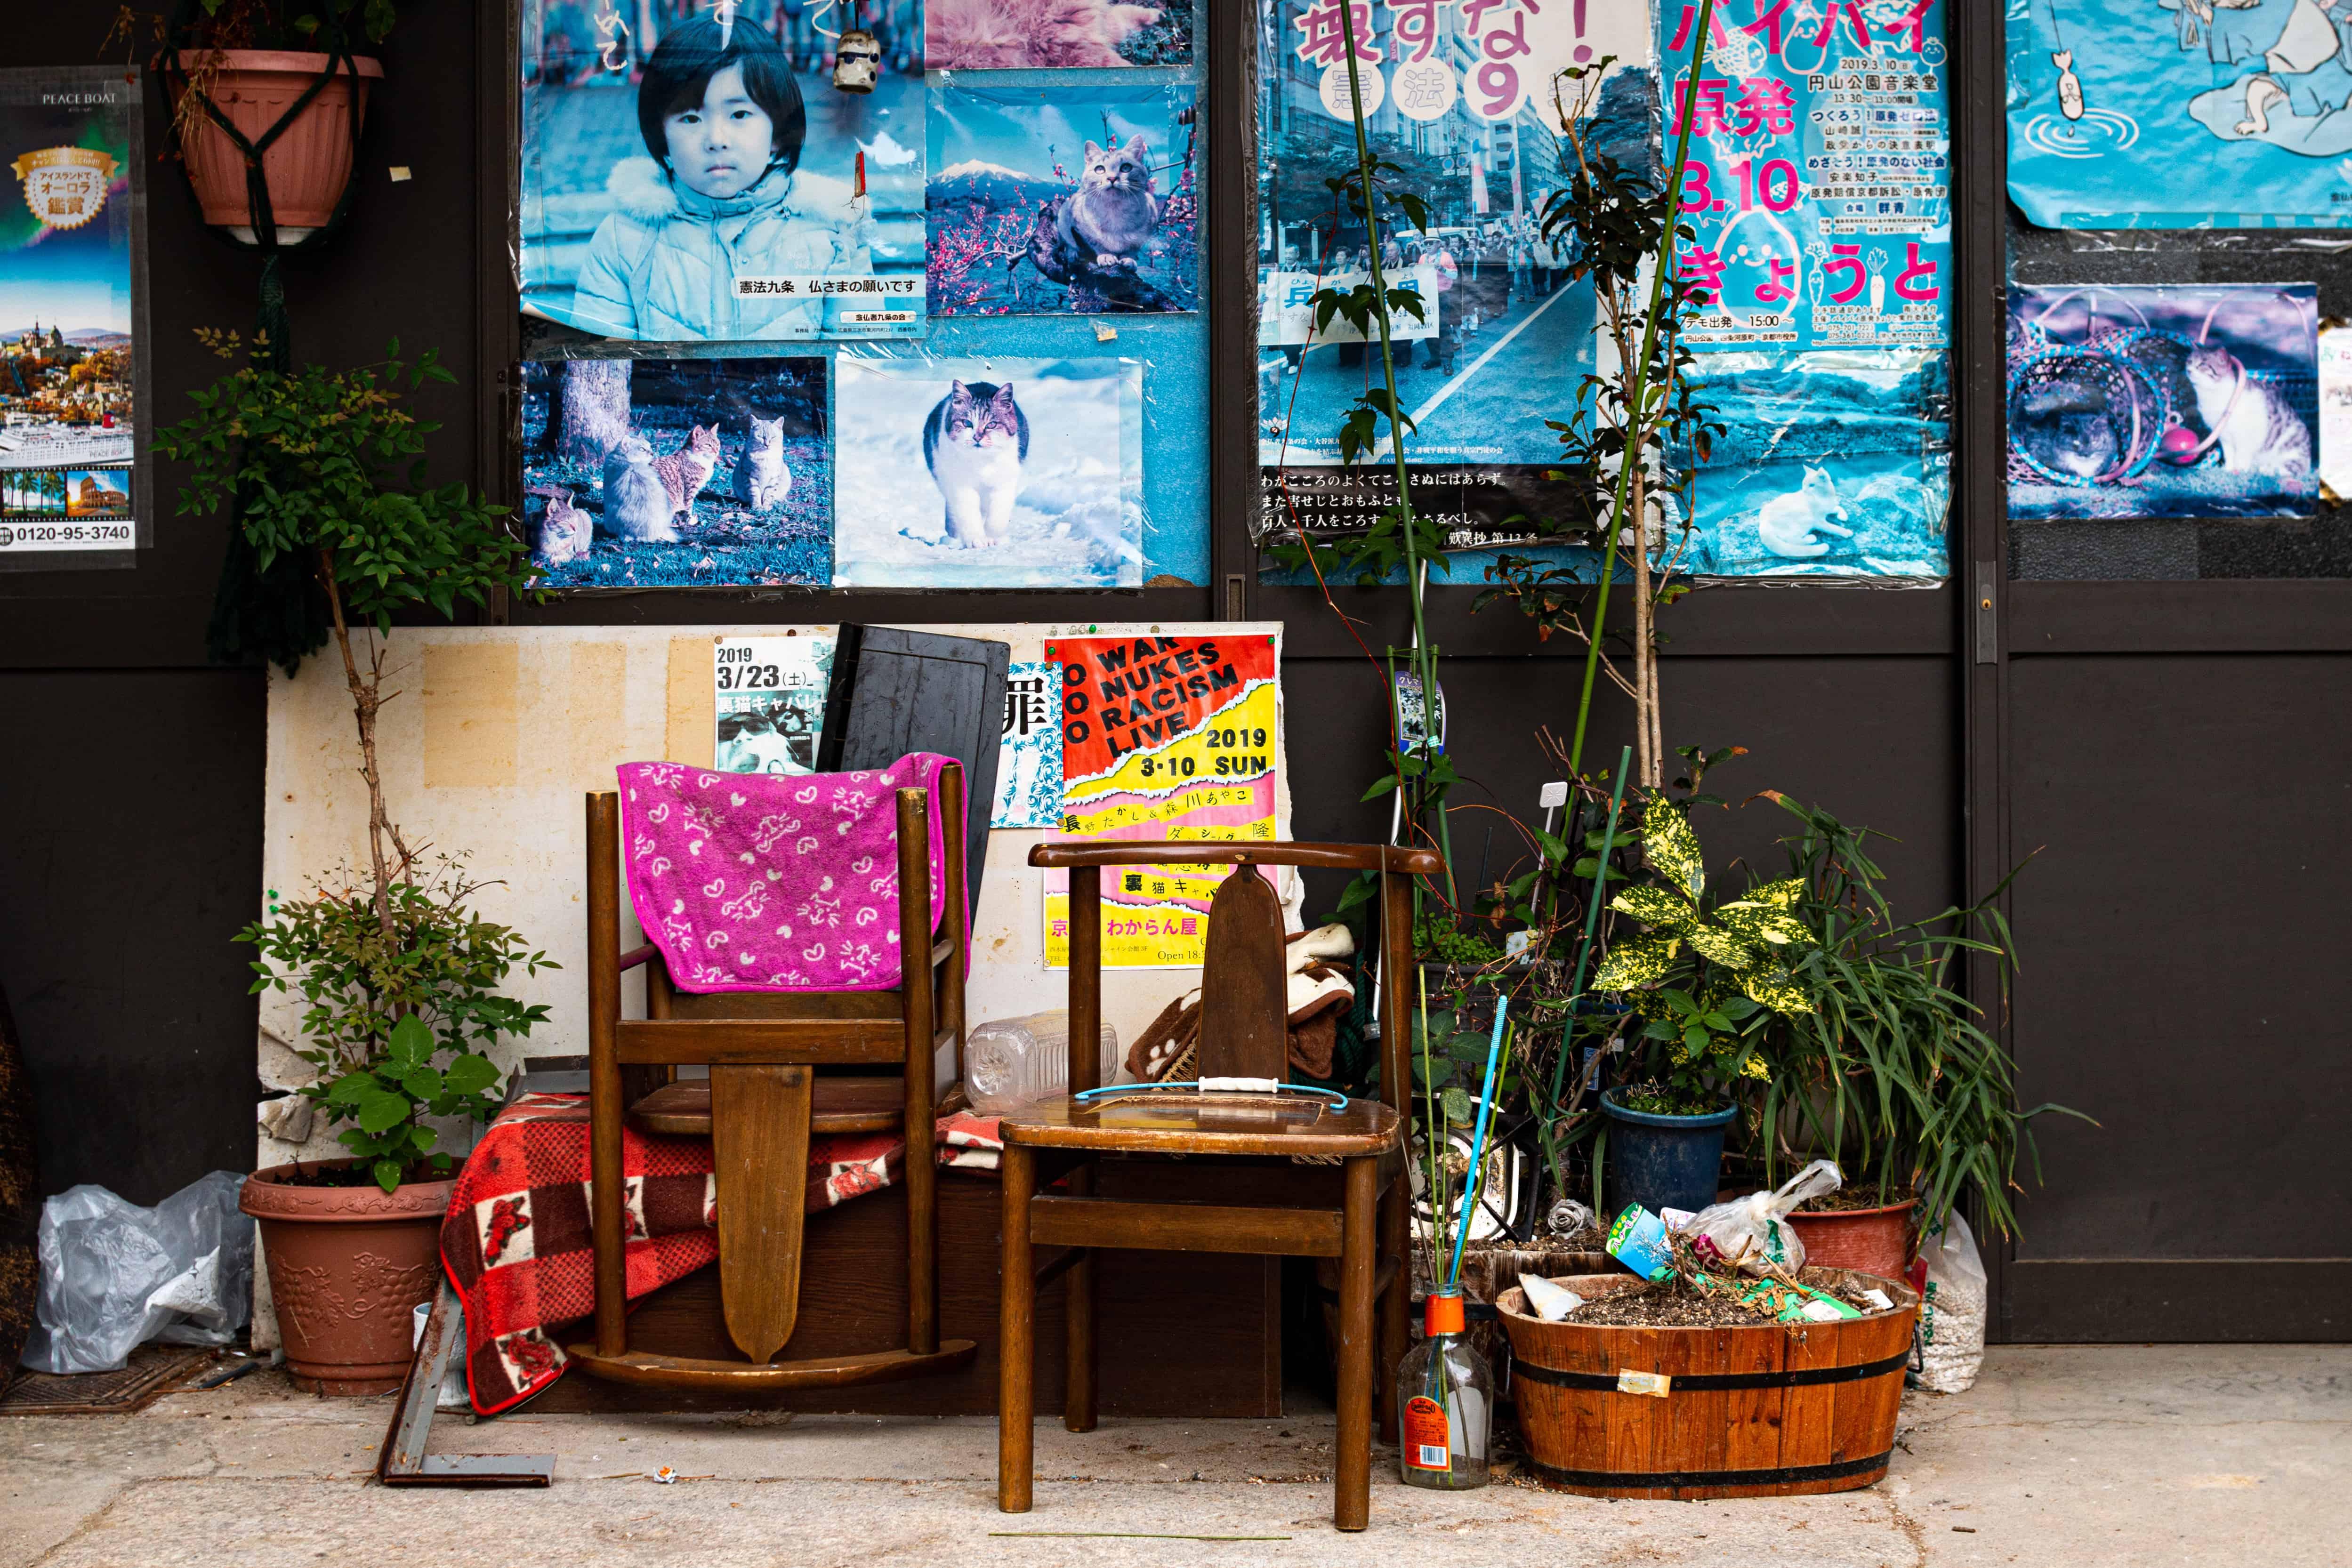 Kyoto personal chill area